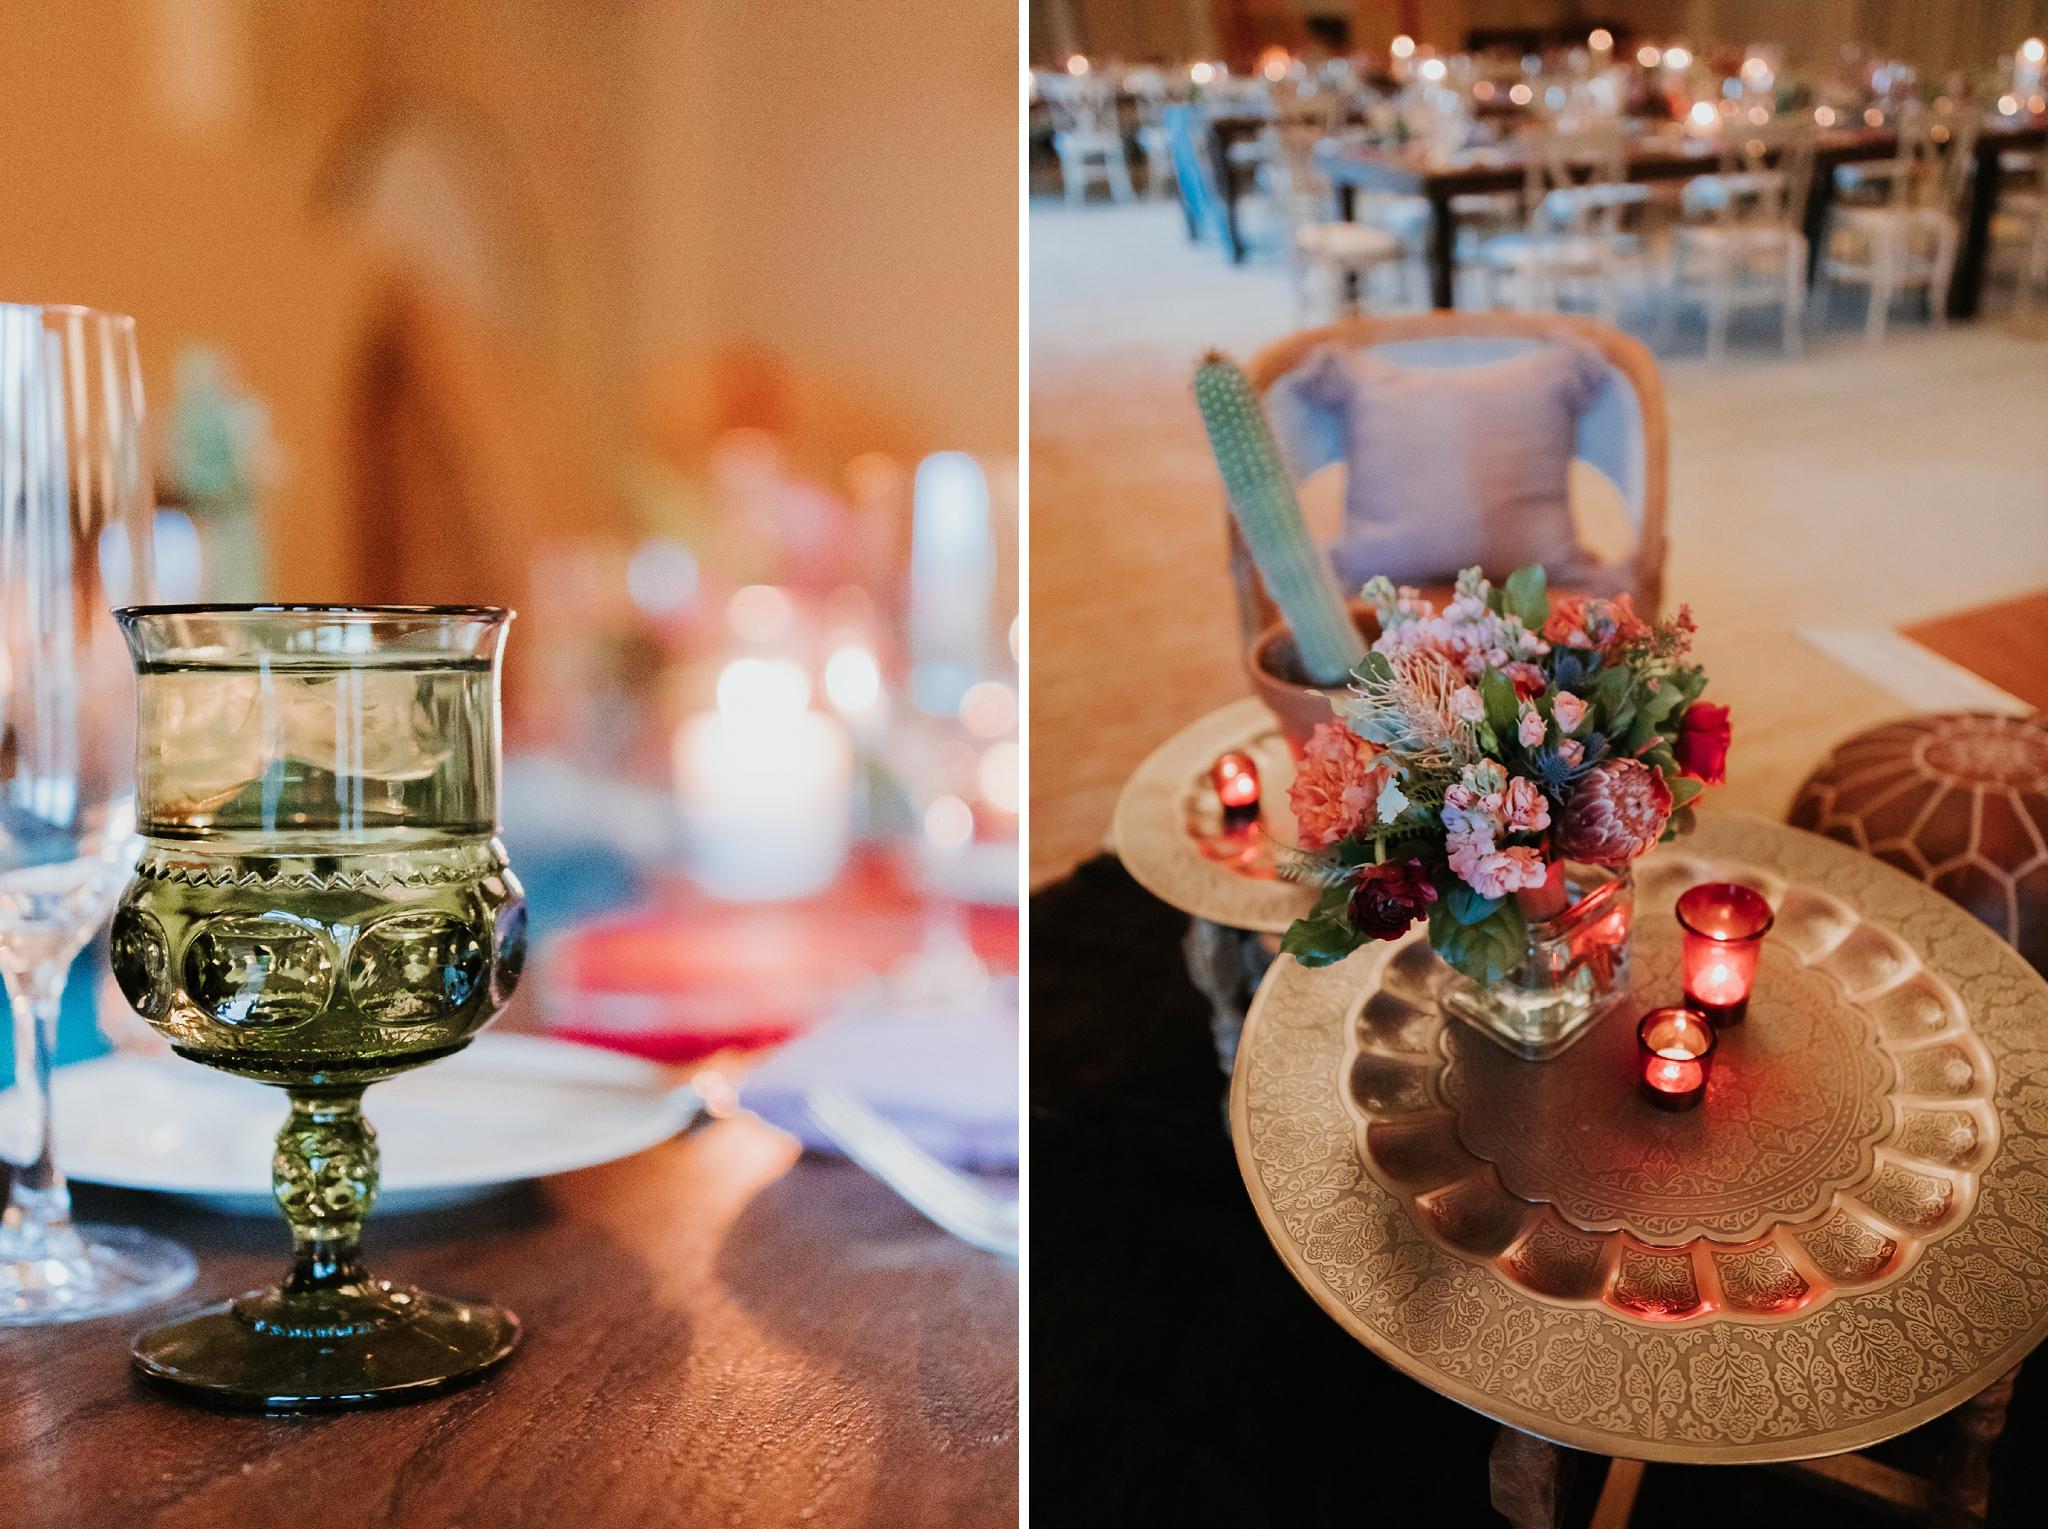 Alicia+lucia+photography+-+albuquerque+wedding+photographer+-+santa+fe+wedding+photography+-+new+mexico+wedding+photographer+-+new+mexico+wedding+-+new+mexico+wedding+-+wedding+planner+-+wedding+rentals+-+new+mexico+wedding+vendor_0041.jpg